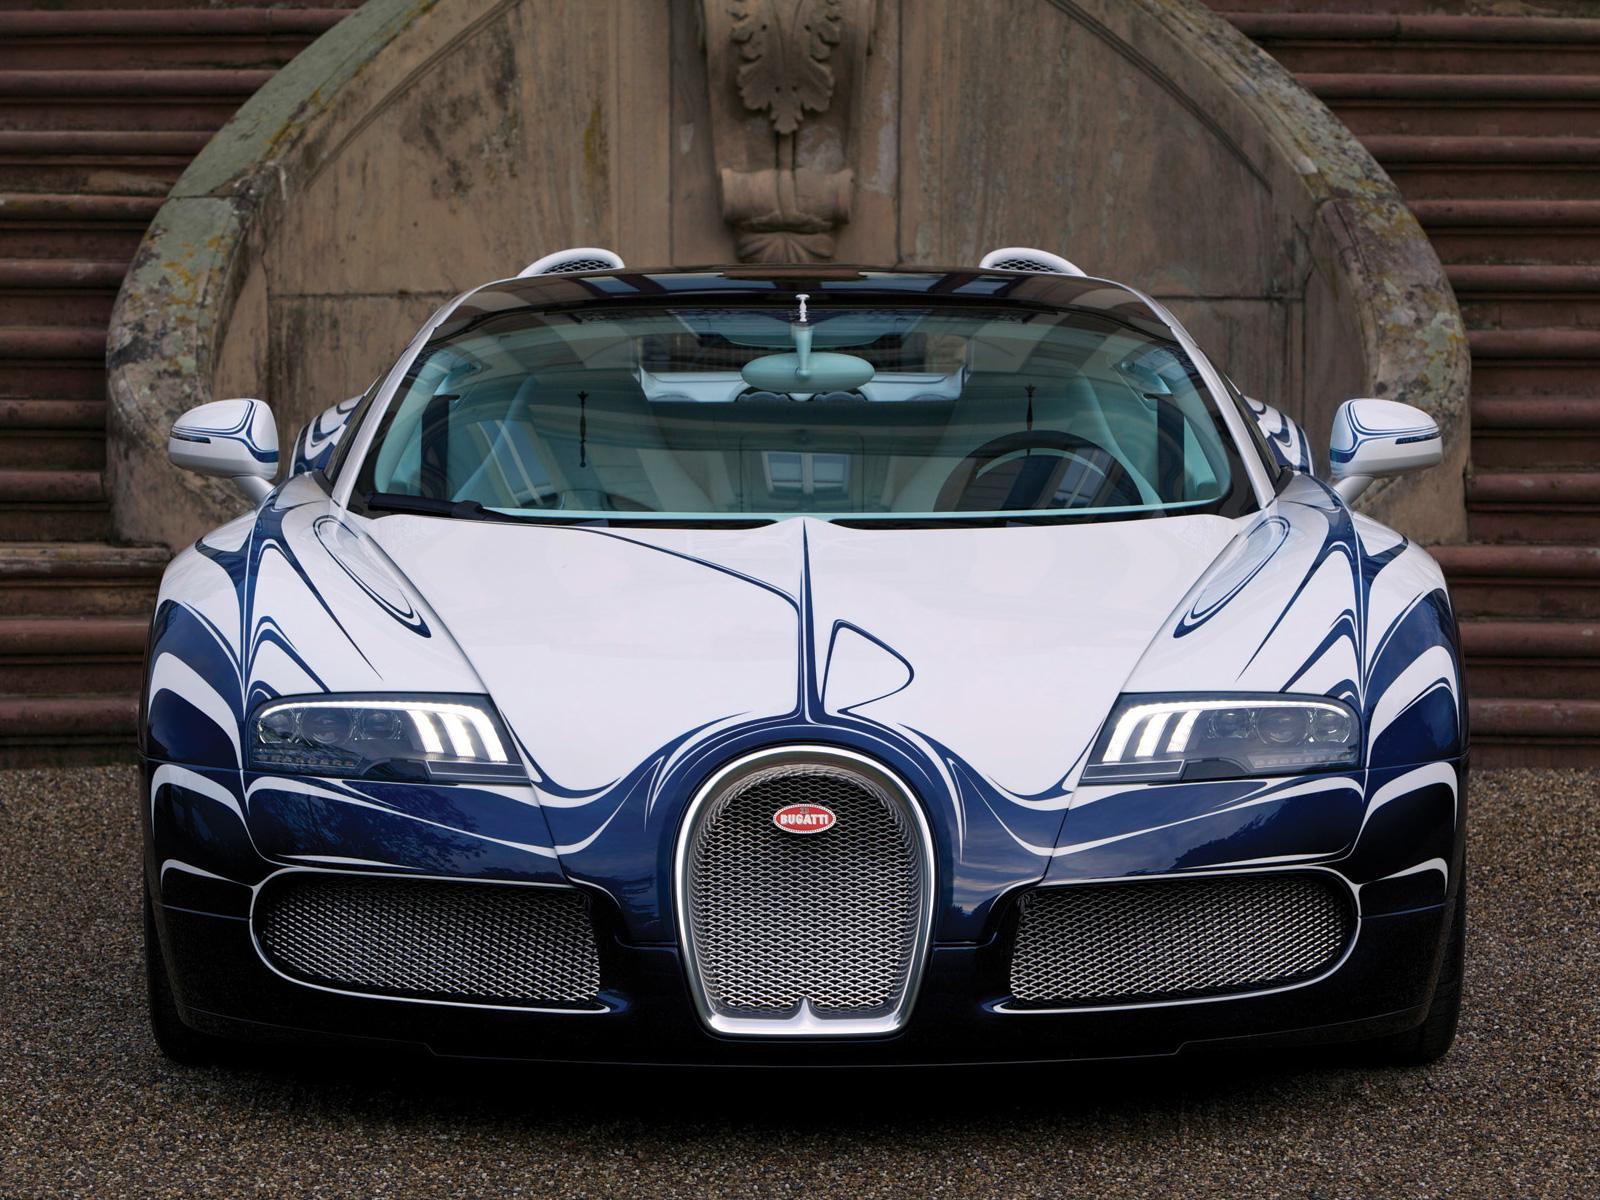 2011 Bugatti Veyron Grand Sport LOr Blanc   Auto Cars Concept